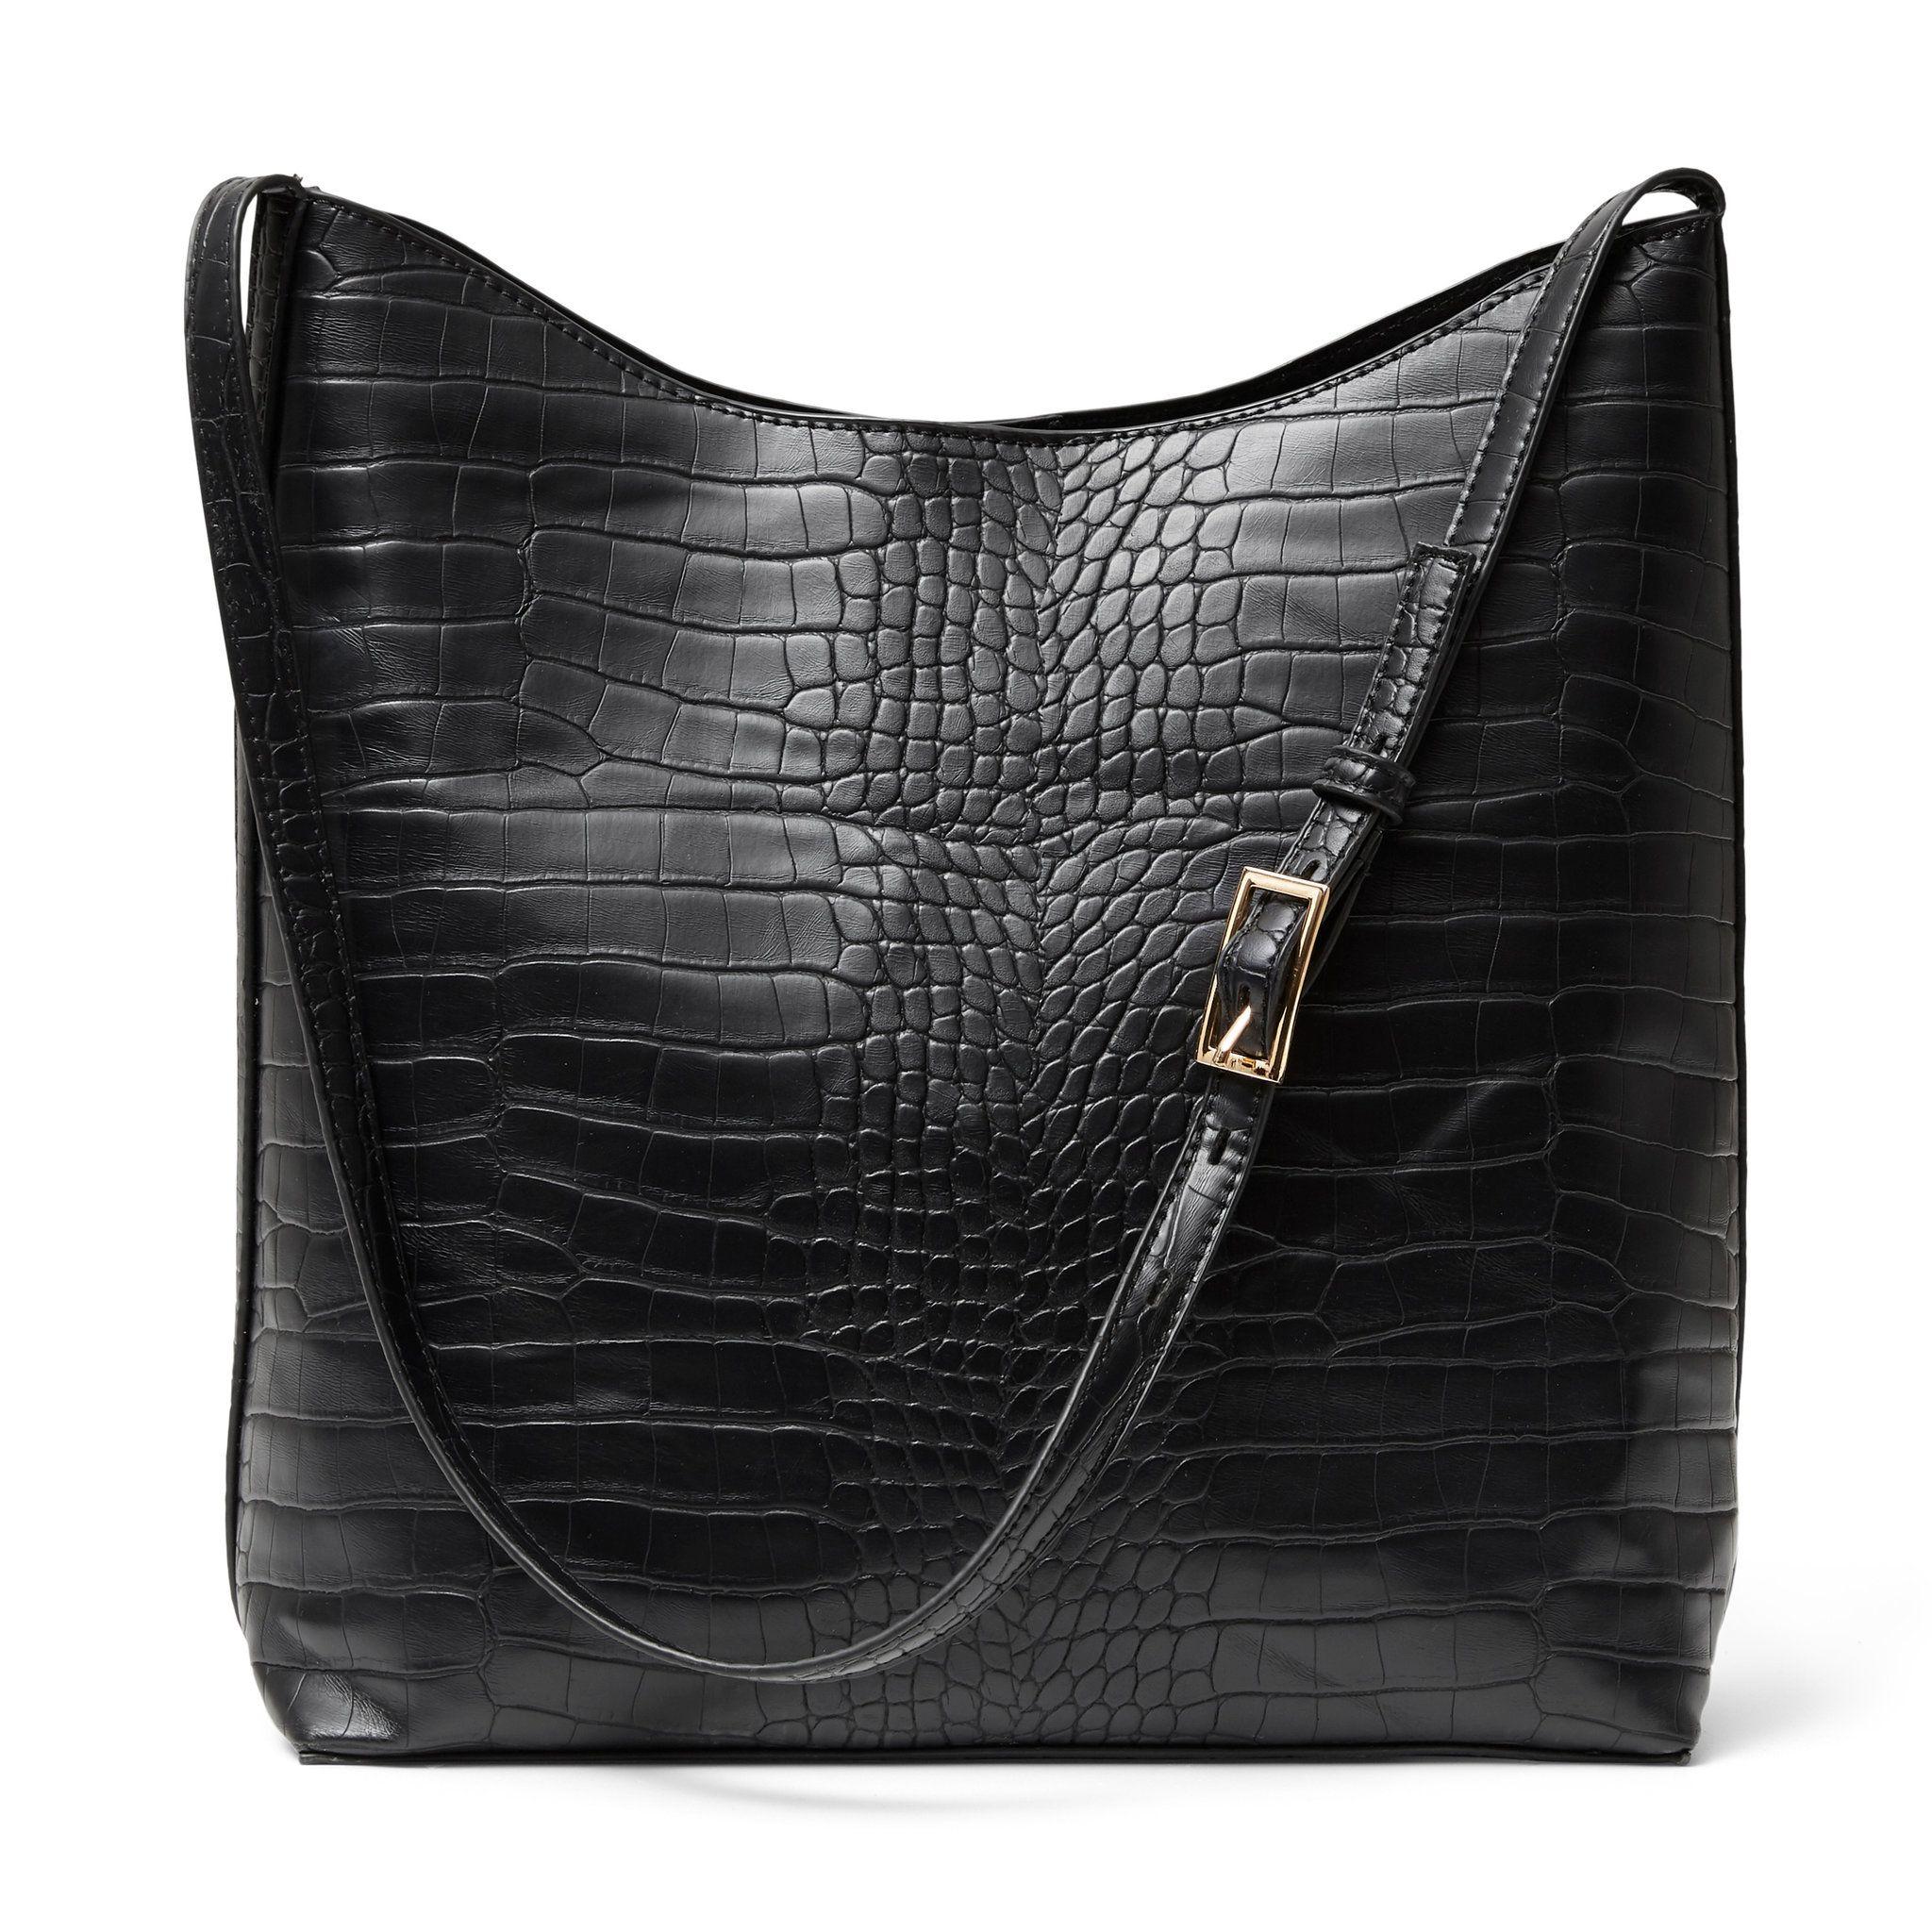 Väska Cilla, svart i 2020 Väskor, Handväska, Produkter